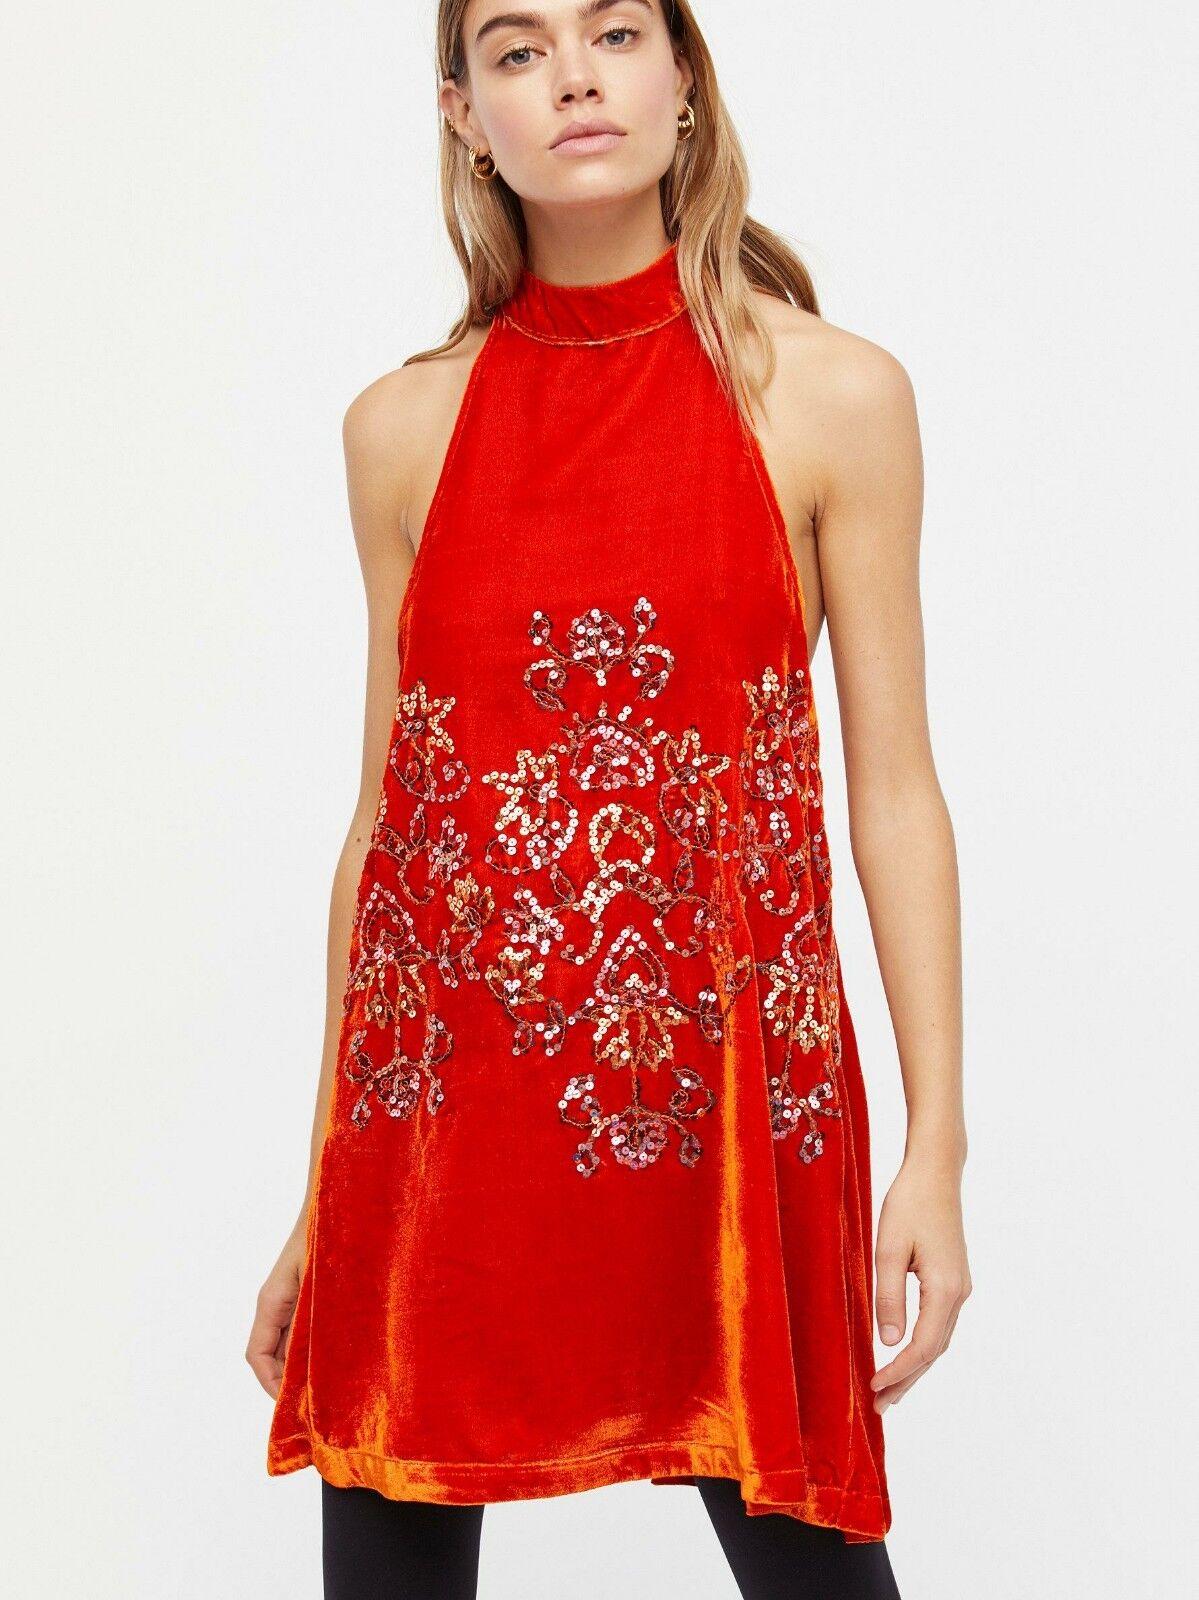 NWT FREE PEOPLE Jill Swing Dress Dress Dress Size M 7e1ee0